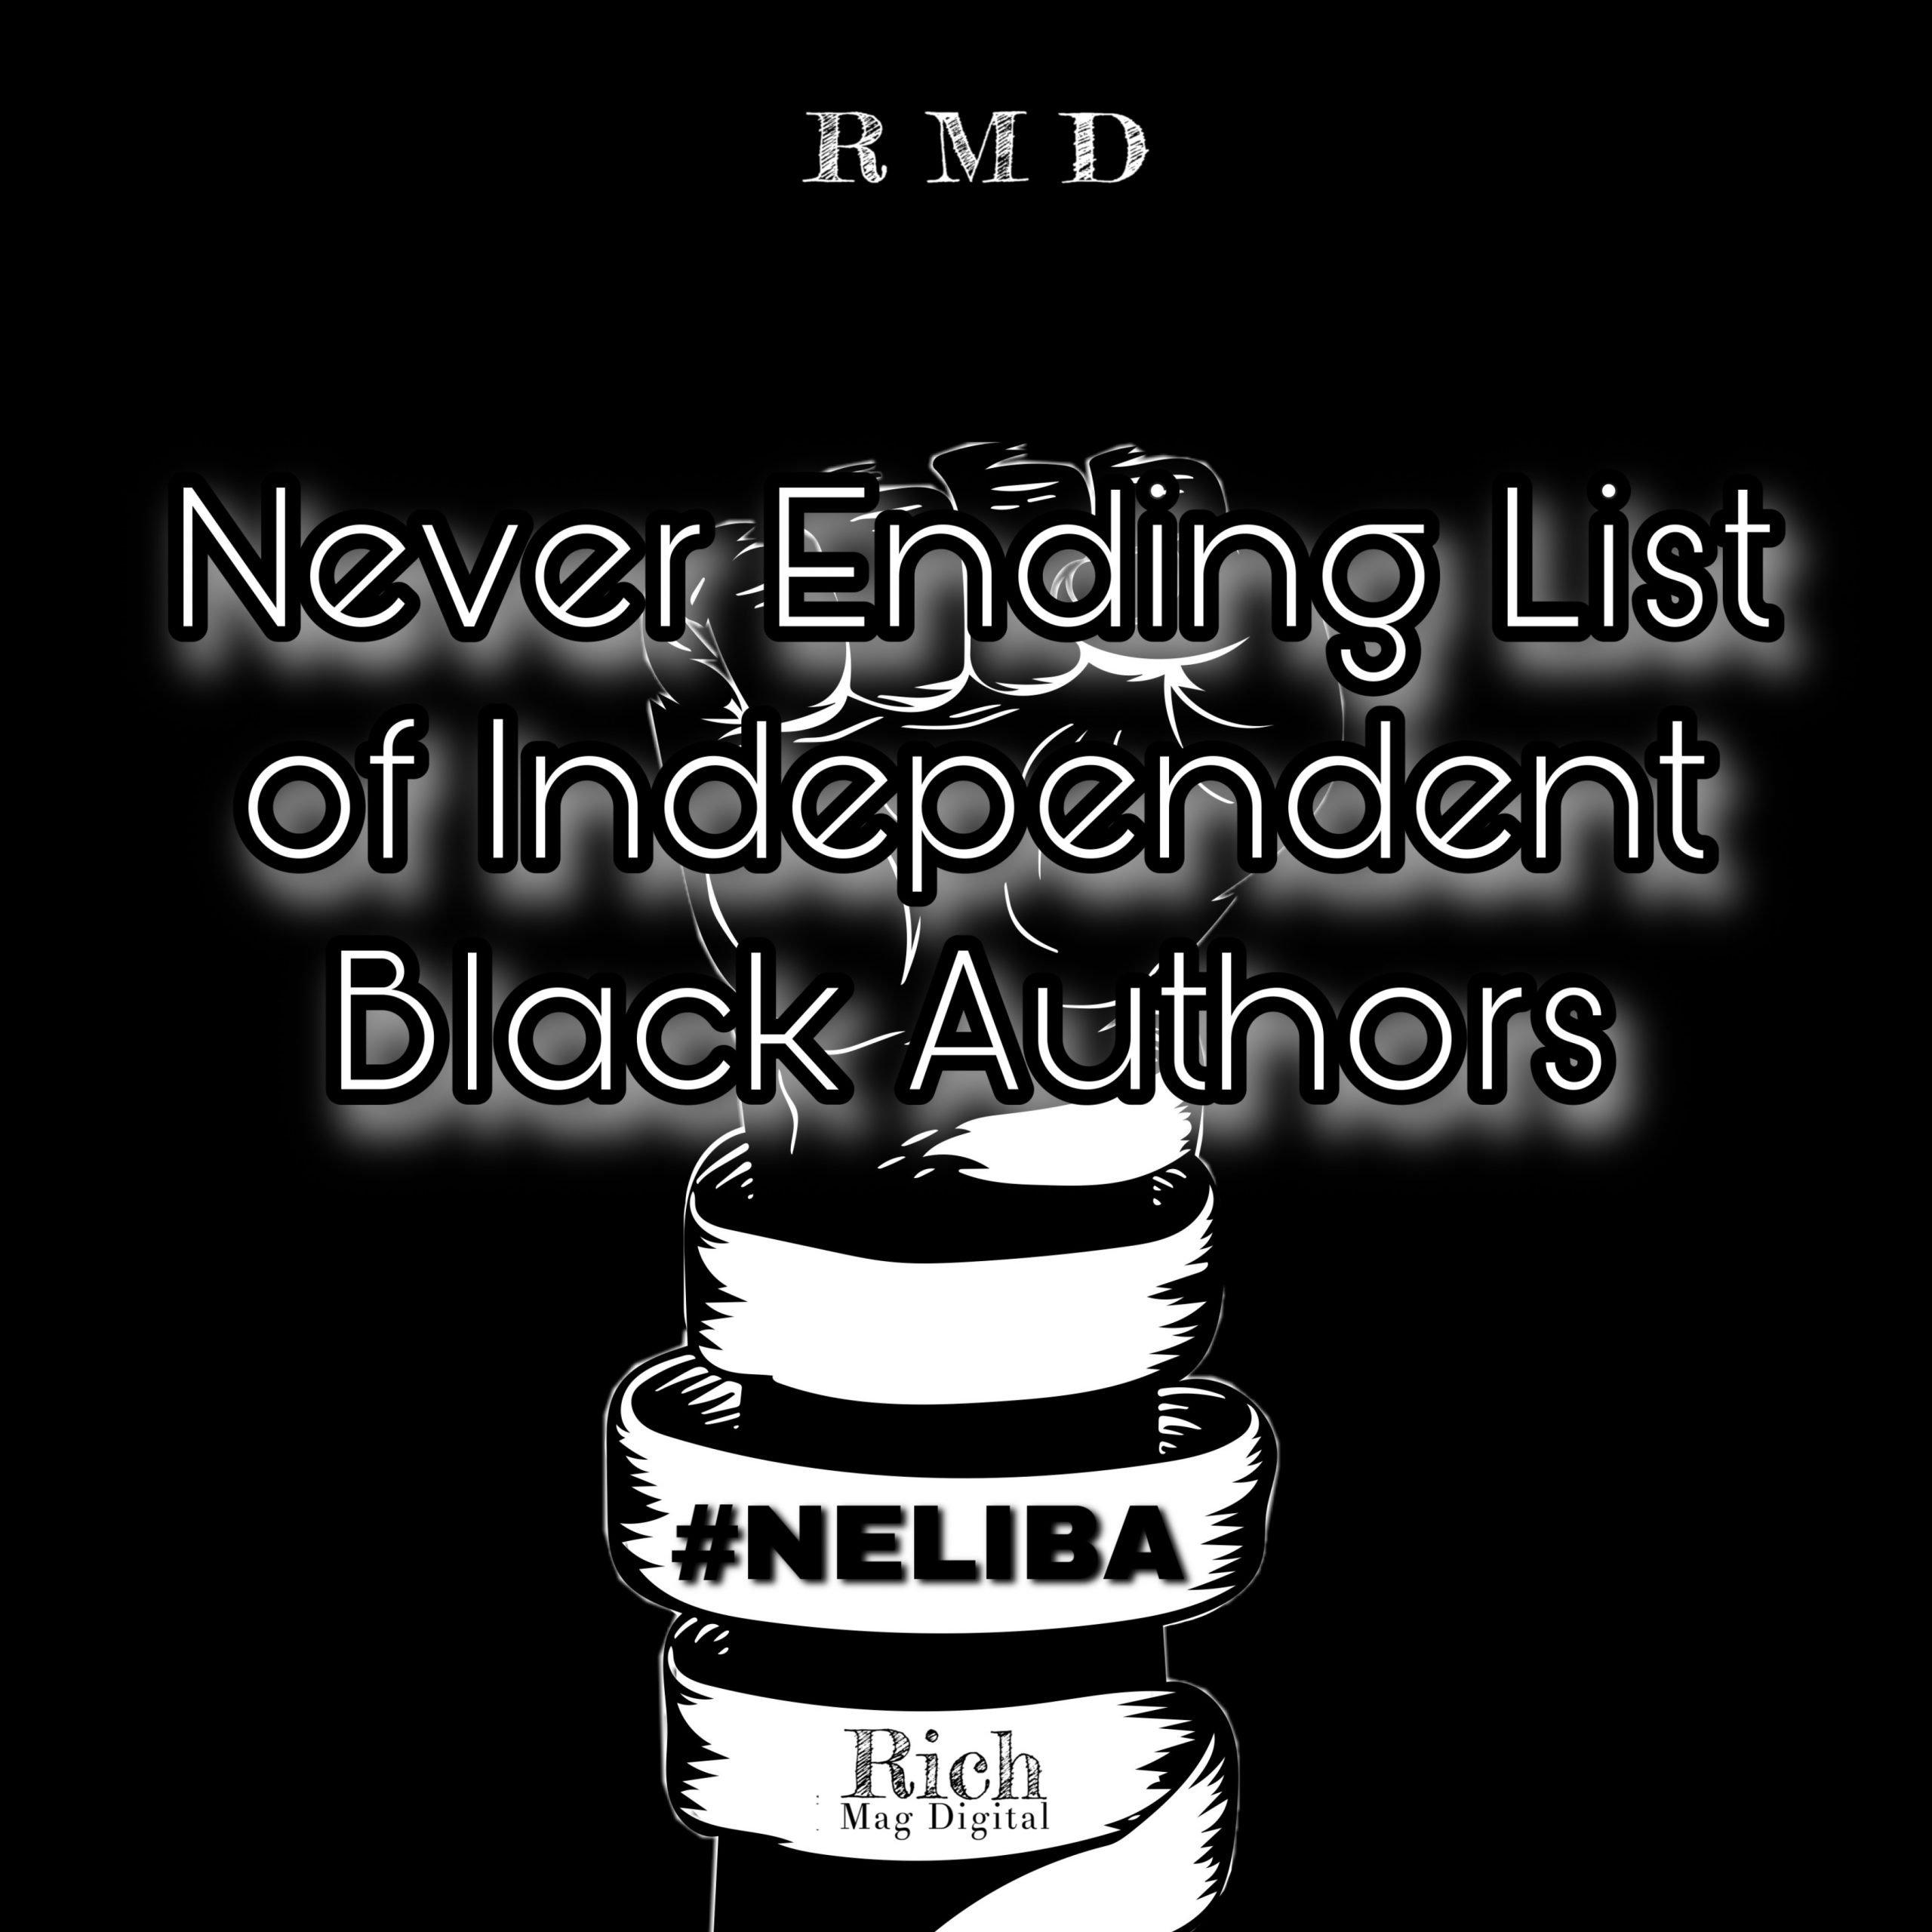 #NELIBA